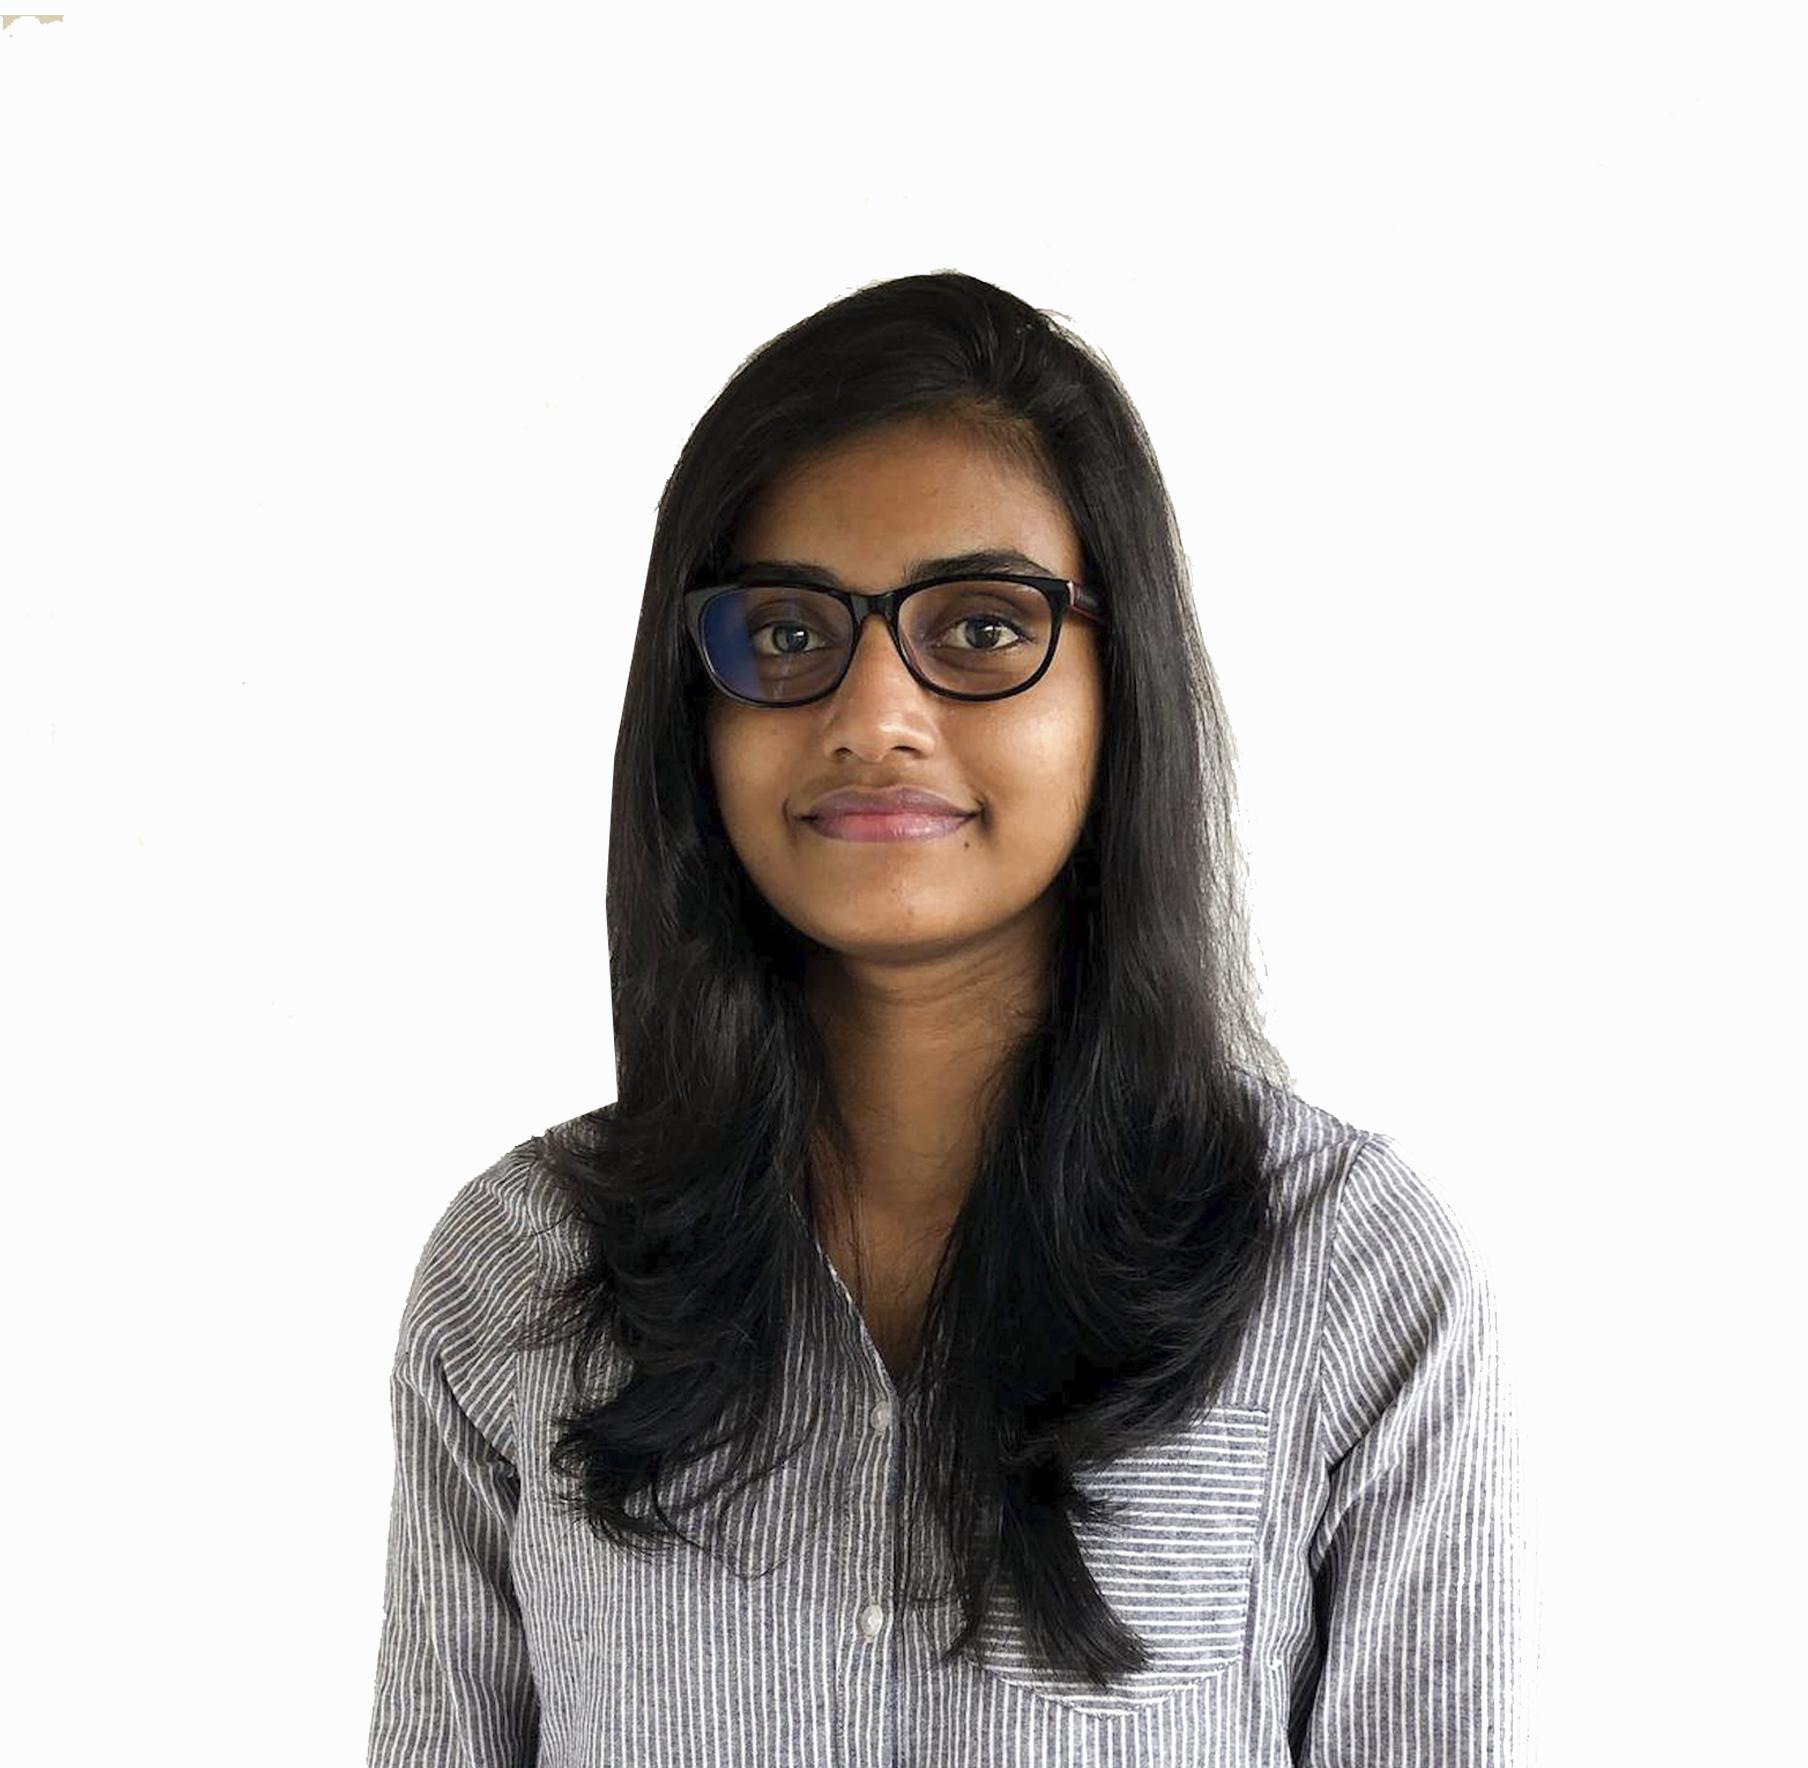 Sandali Manimendra